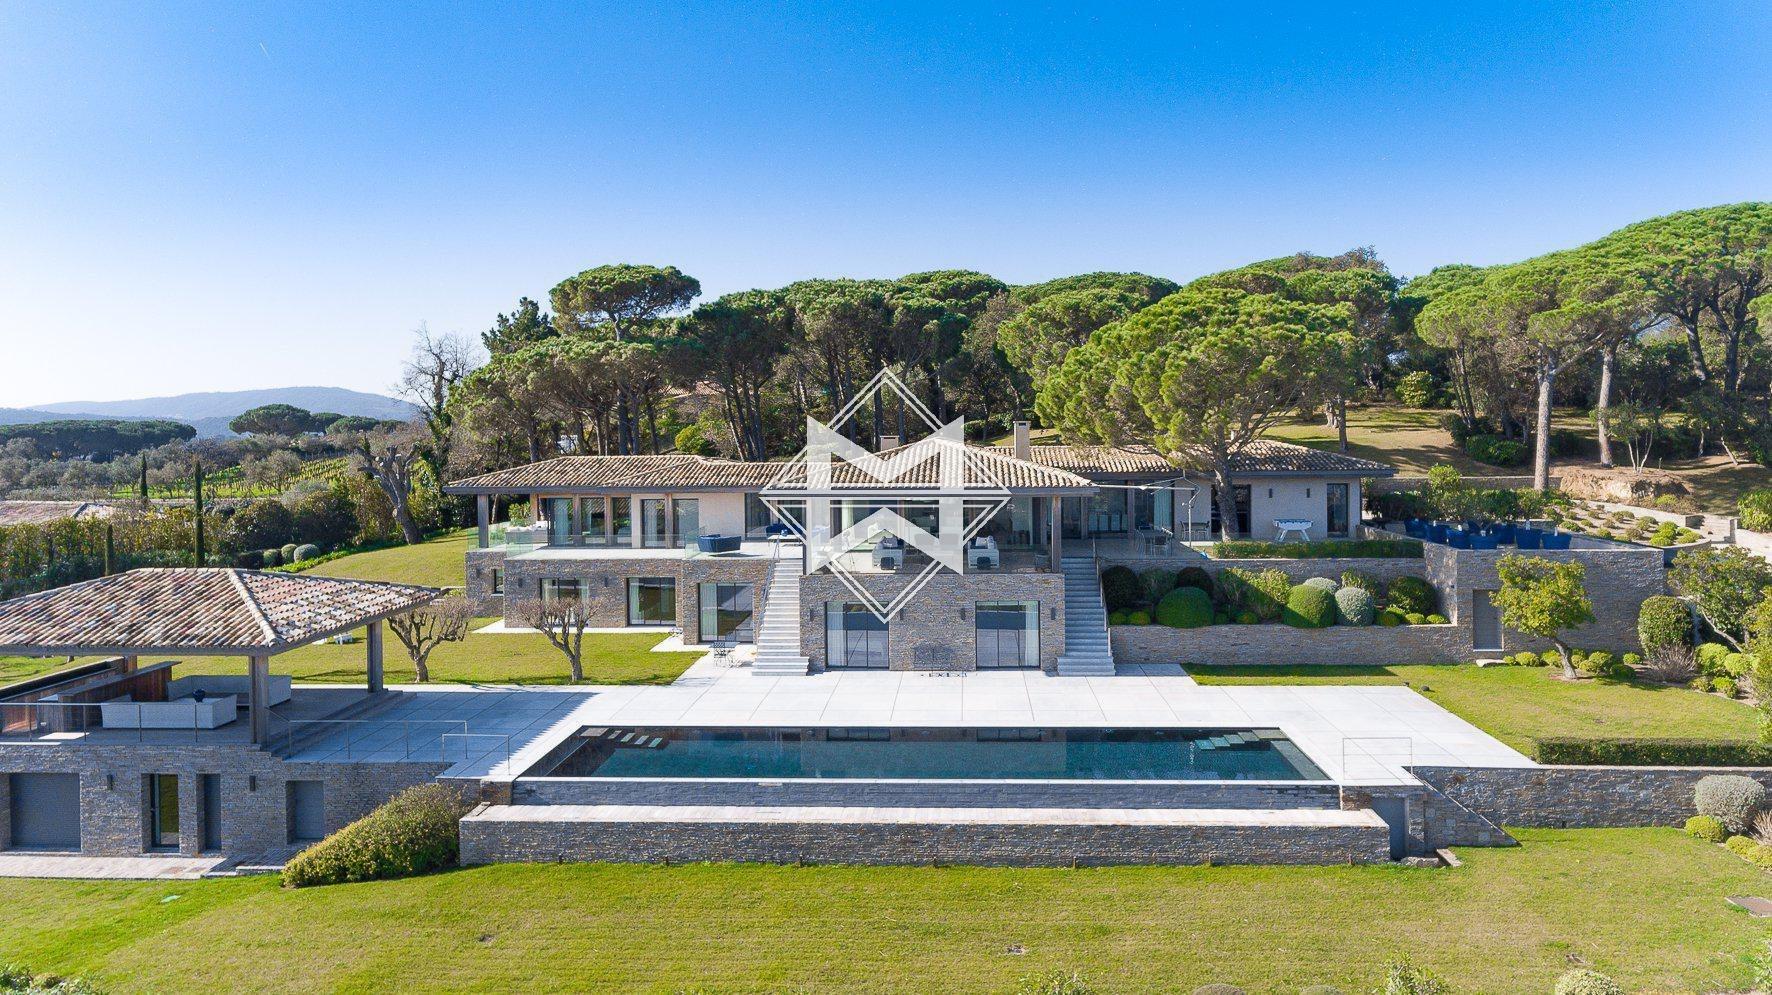 Villa in Saint-Tropez, Provence-Alpes-Côte d'Azur, France 1 - 10500684